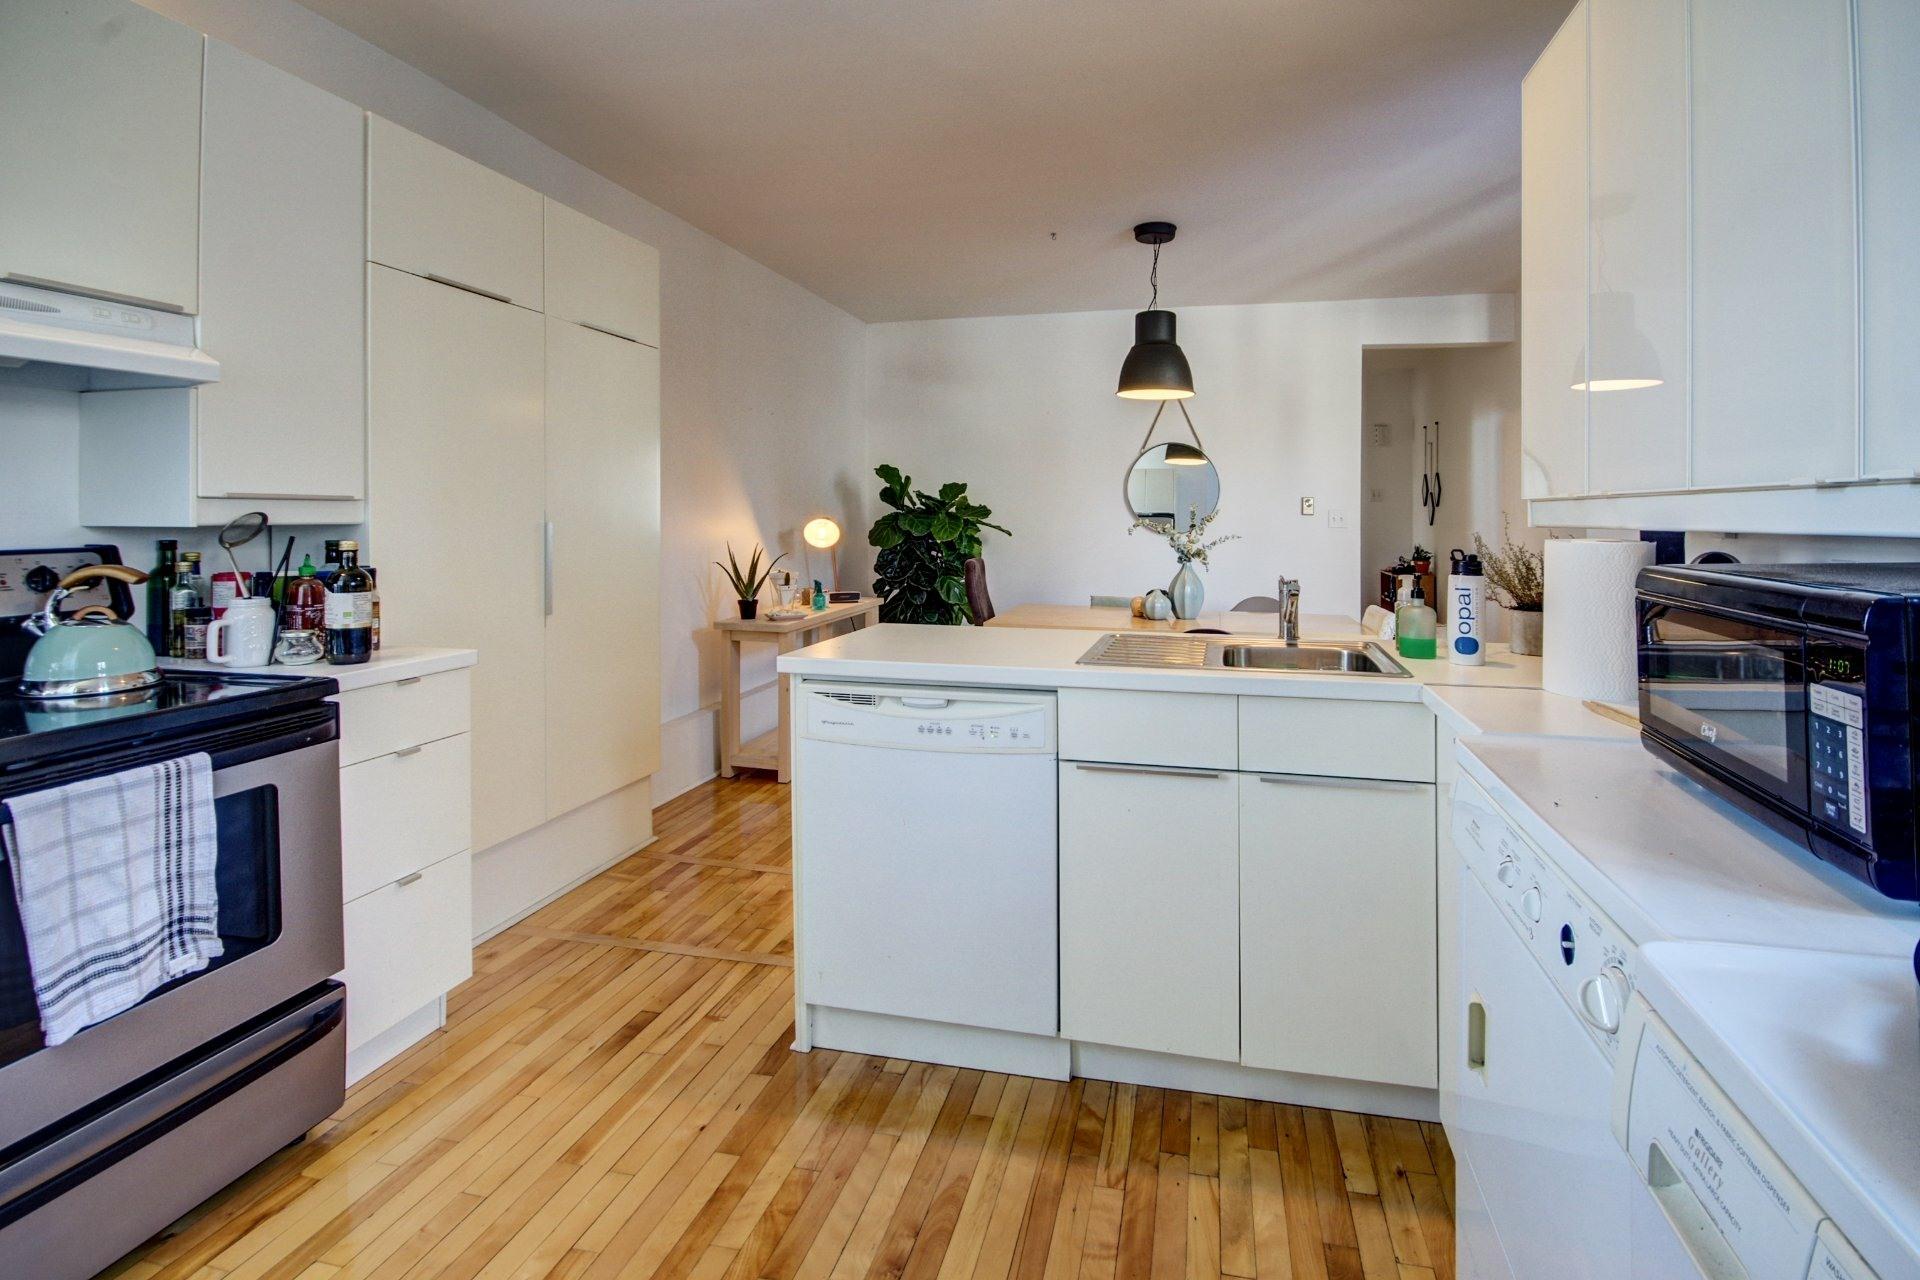 image 4 - Immeuble à revenus À vendre Montréal Le Plateau-Mont-Royal  - 5 pièces